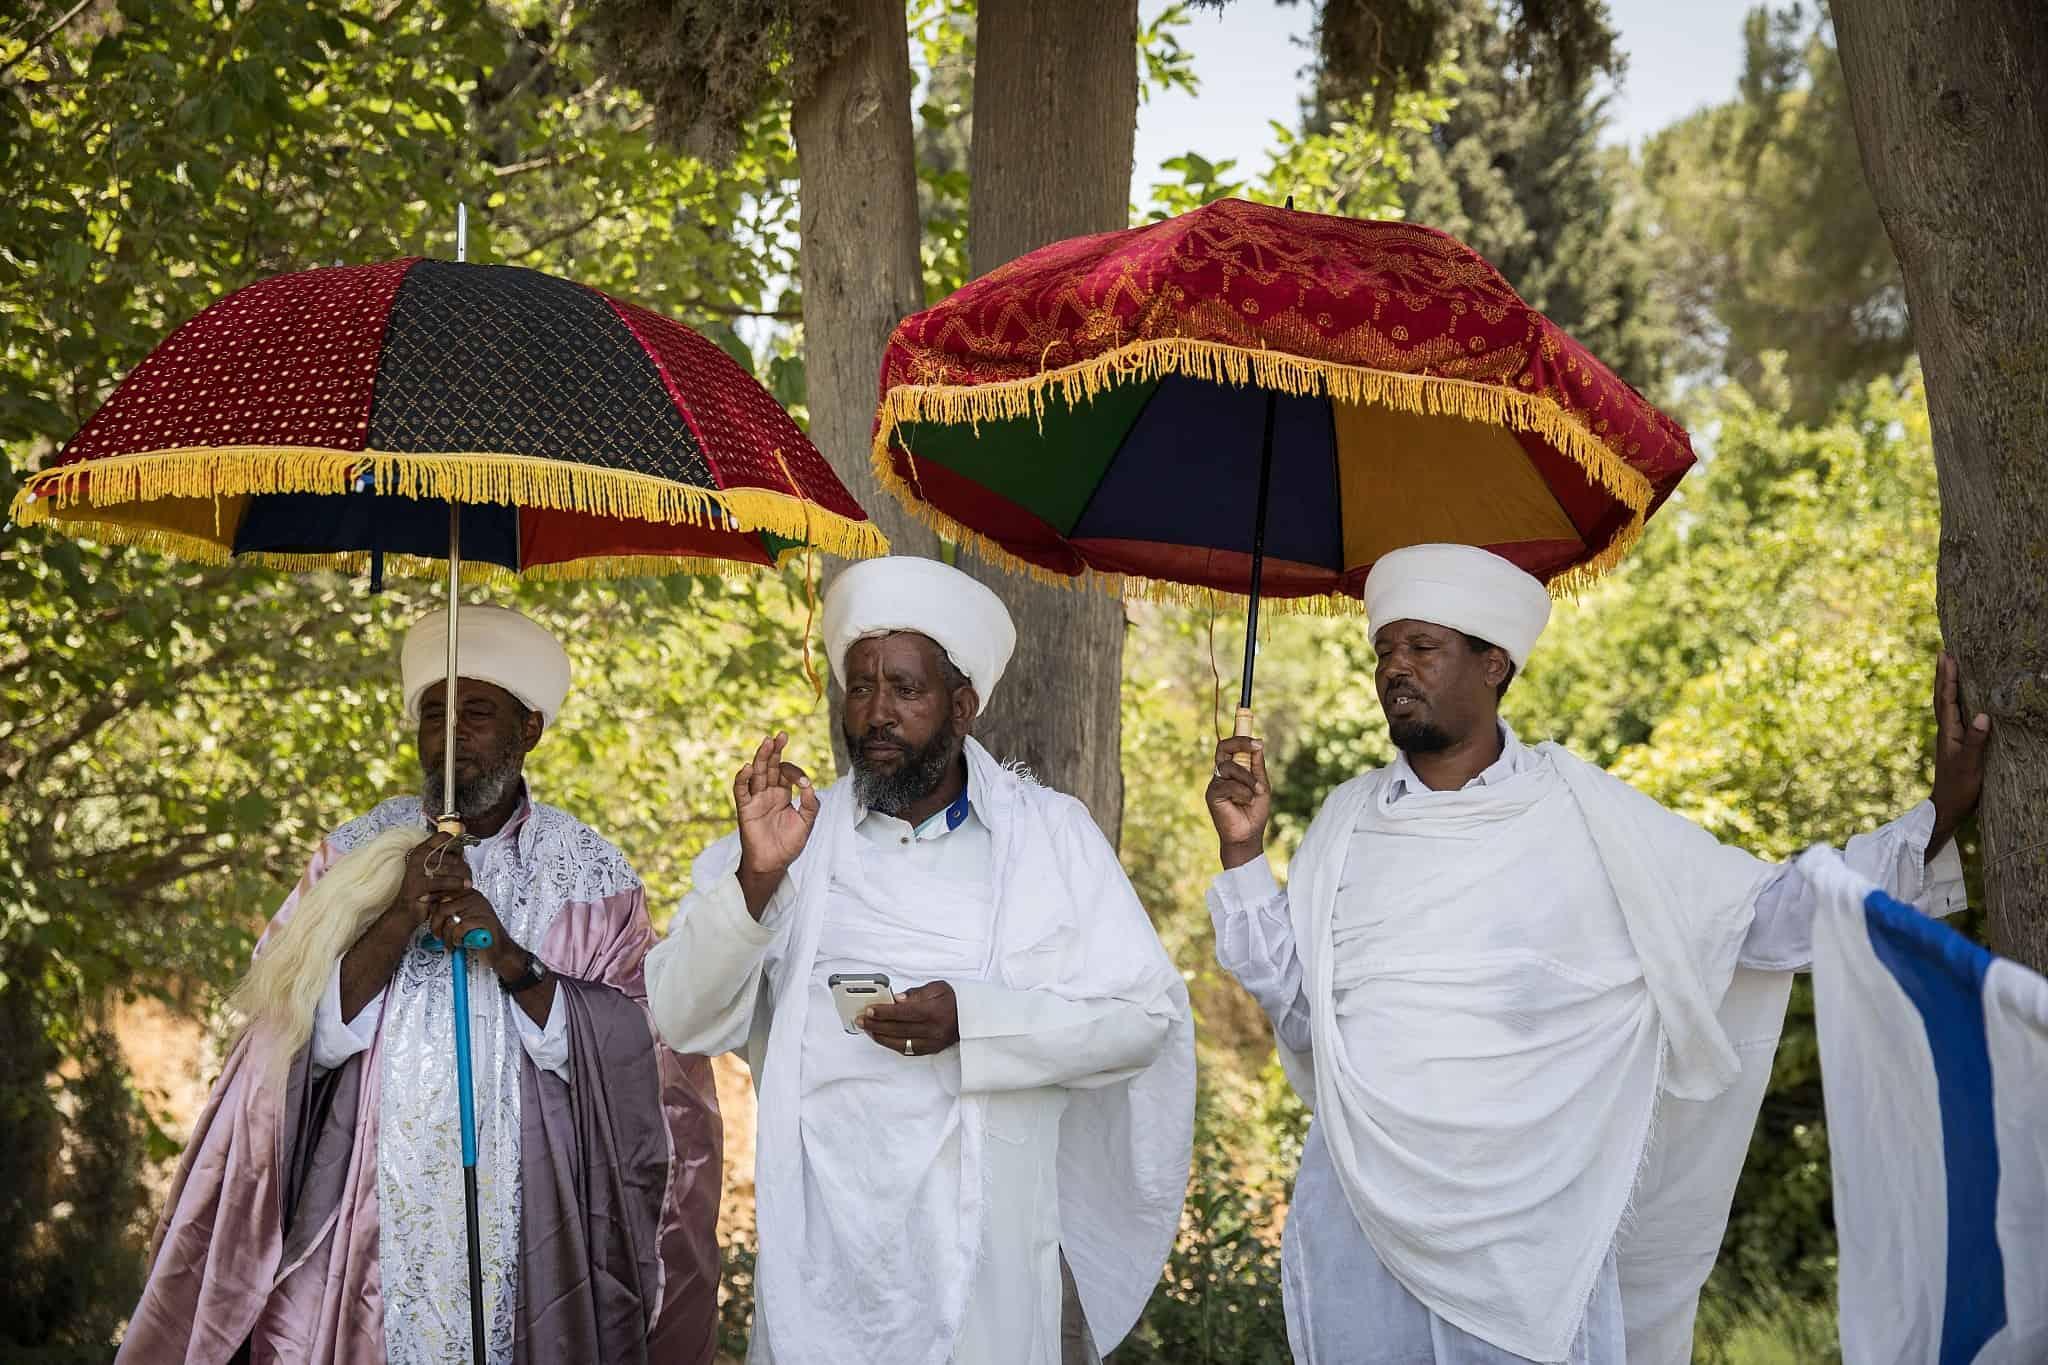 יוצאי אתיופיה מפגינים מול משרד ראש הממשלה במחאה על הירי בסלומון טקה, תושב קרית חיים (צילום: הדס פרוש פלאש 90)